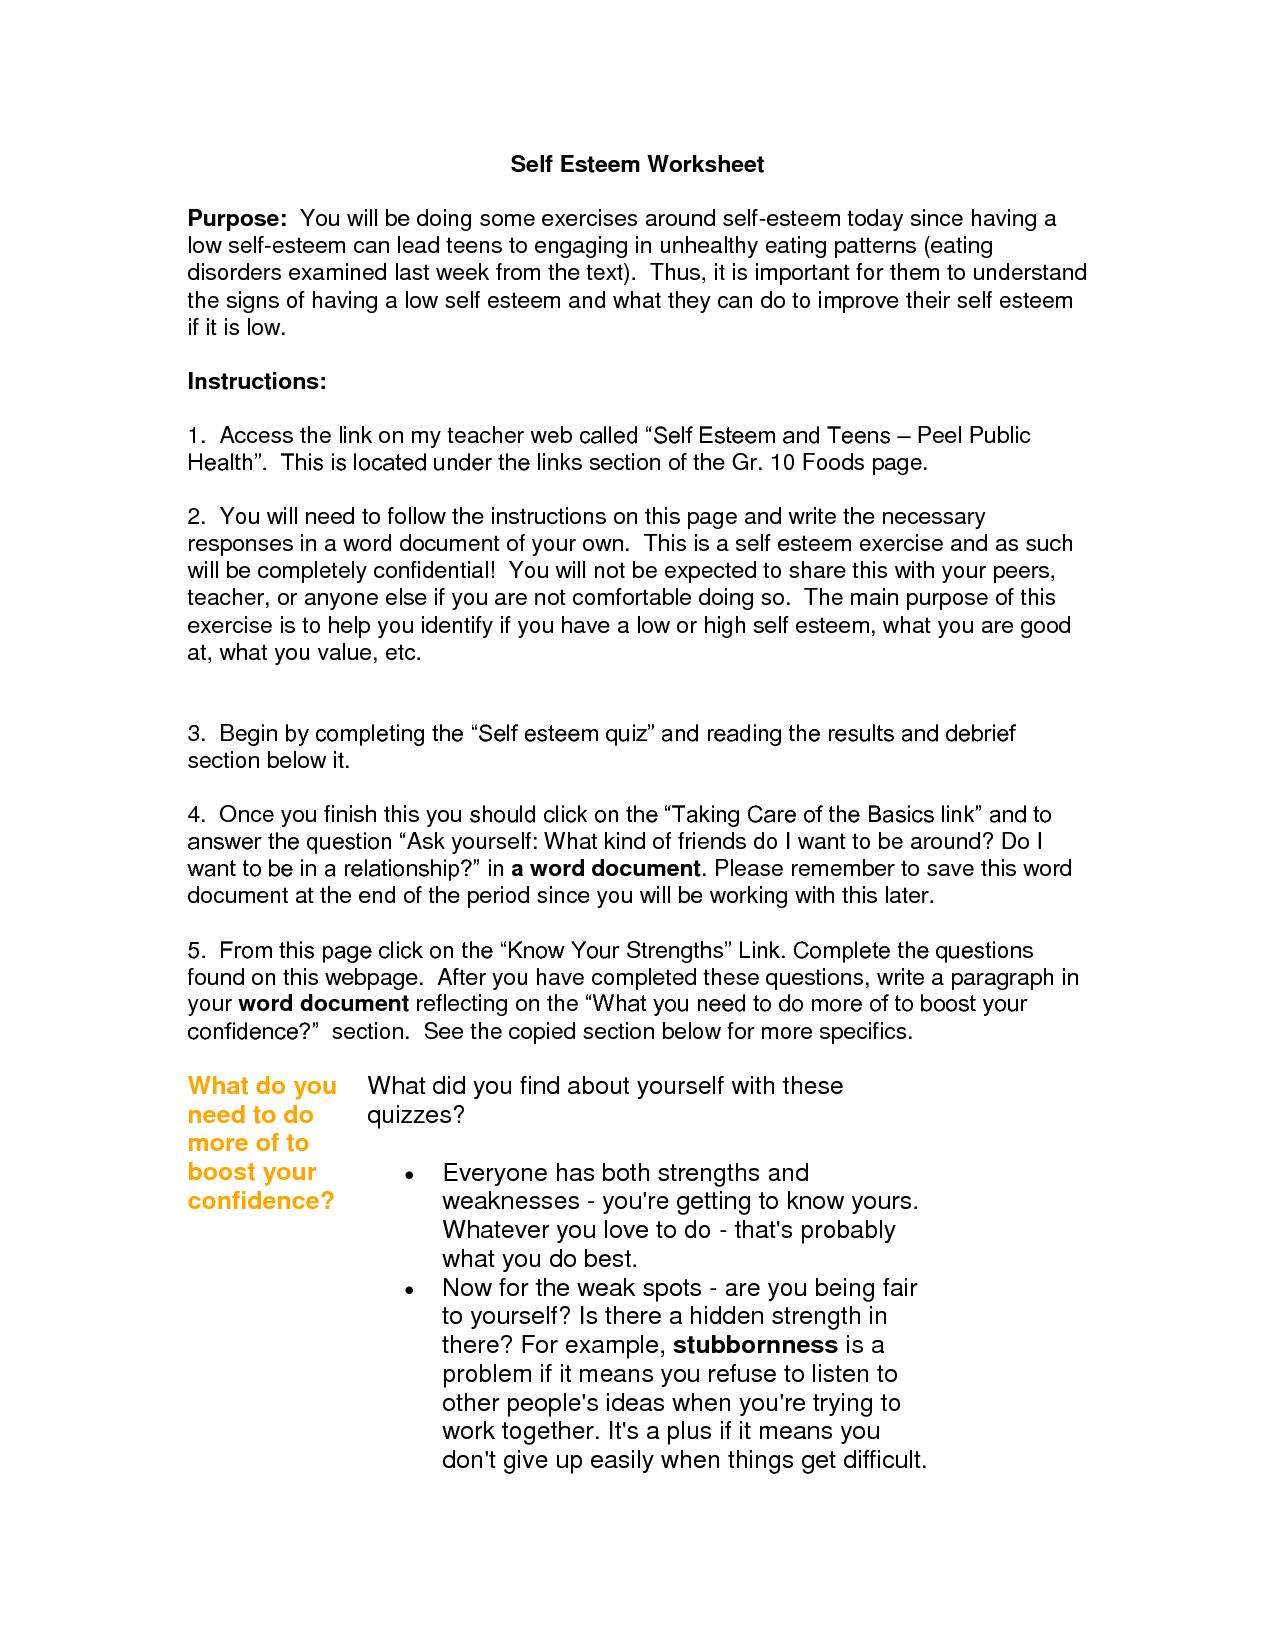 Understanding Self Esteem Worksheet